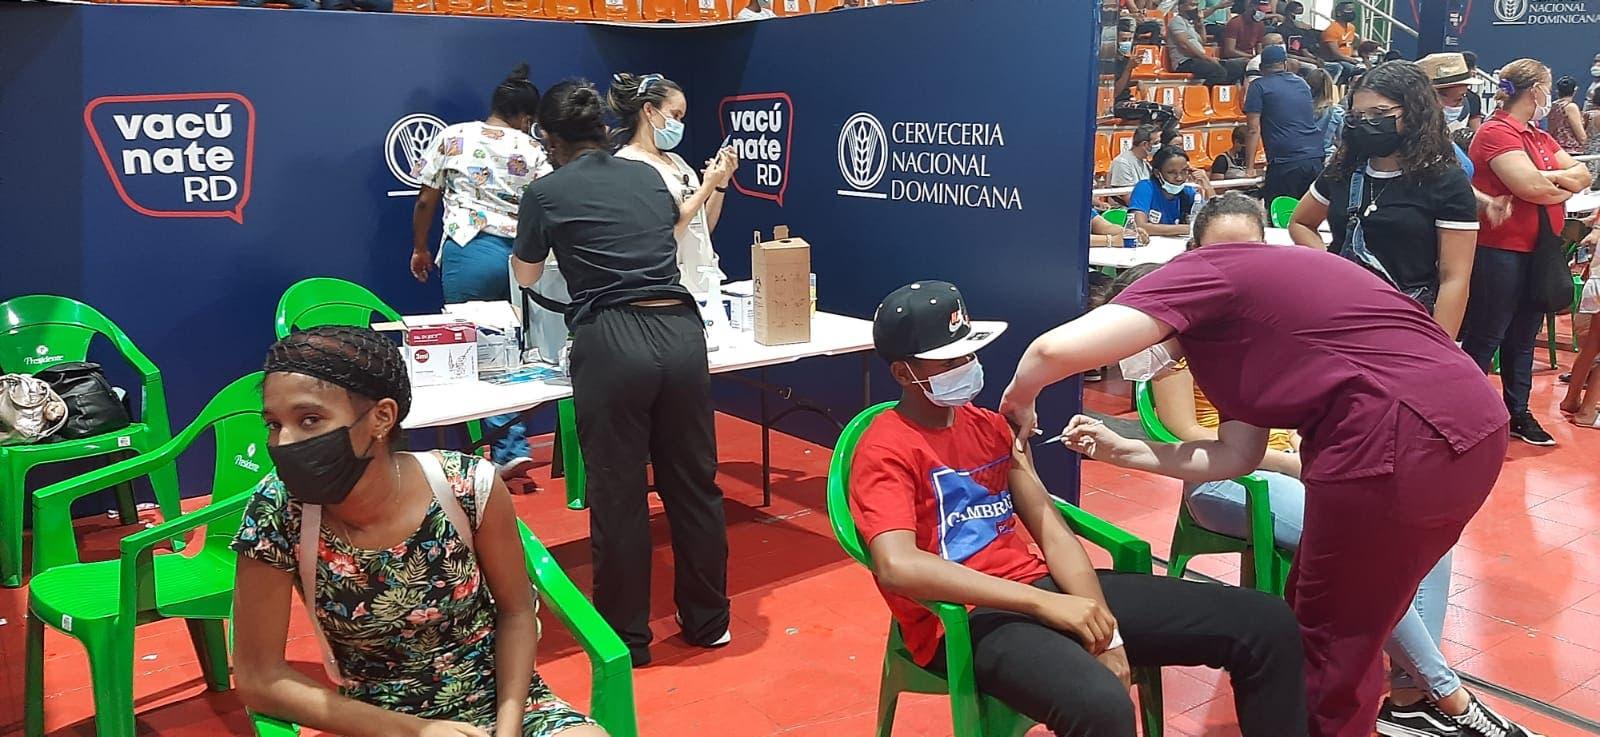 Disponen centro de vacunación solo para menores en Centro Olímpico